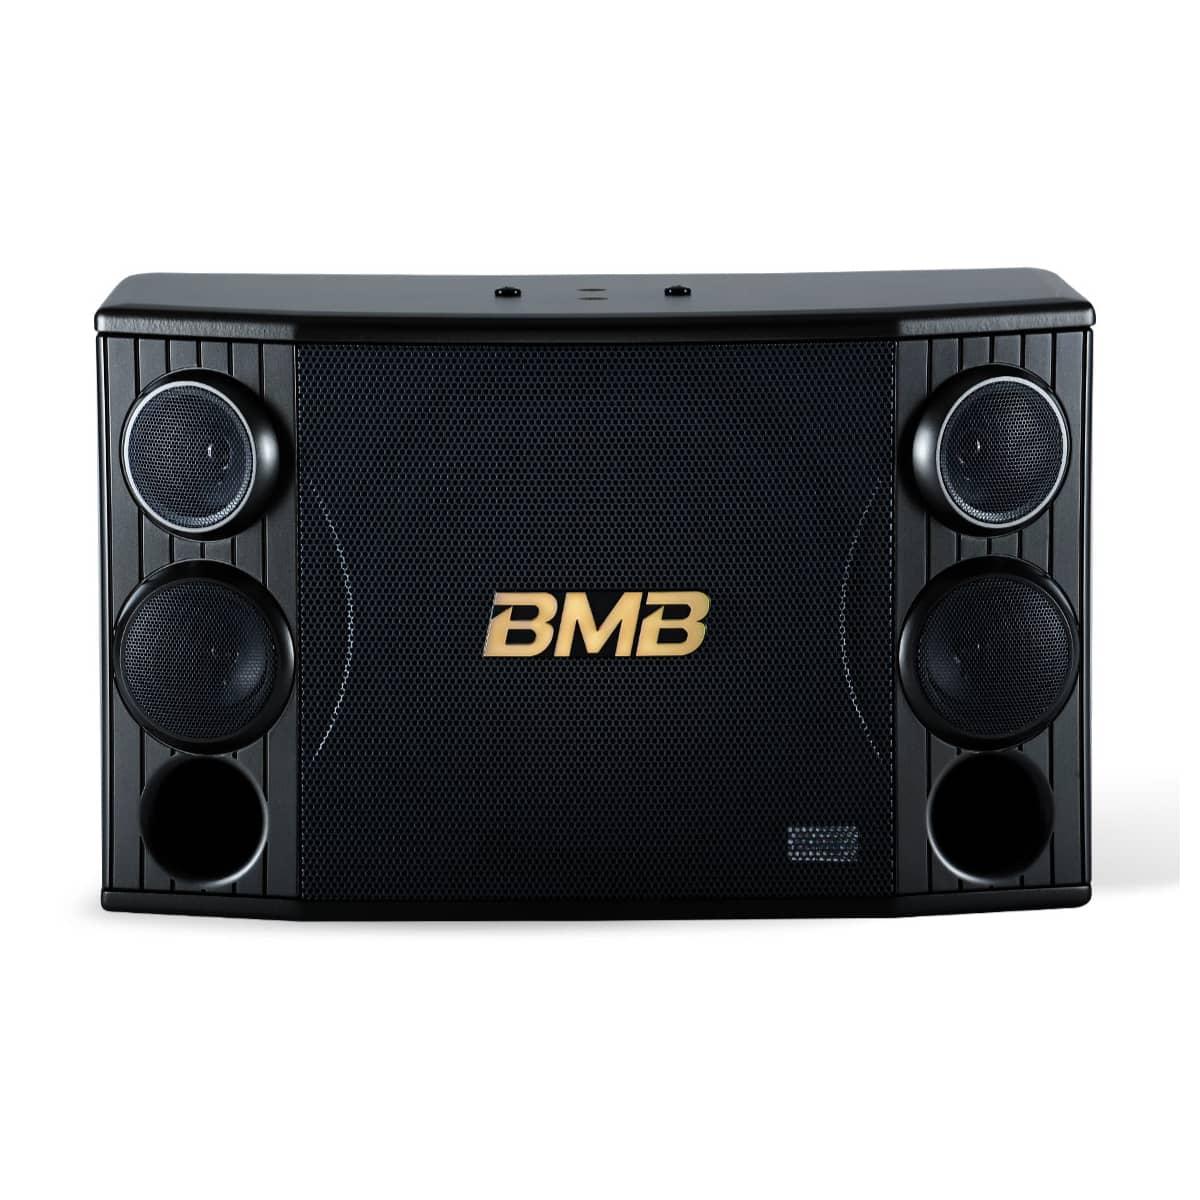 Loa BMB CSD-880-SE (Cặp)